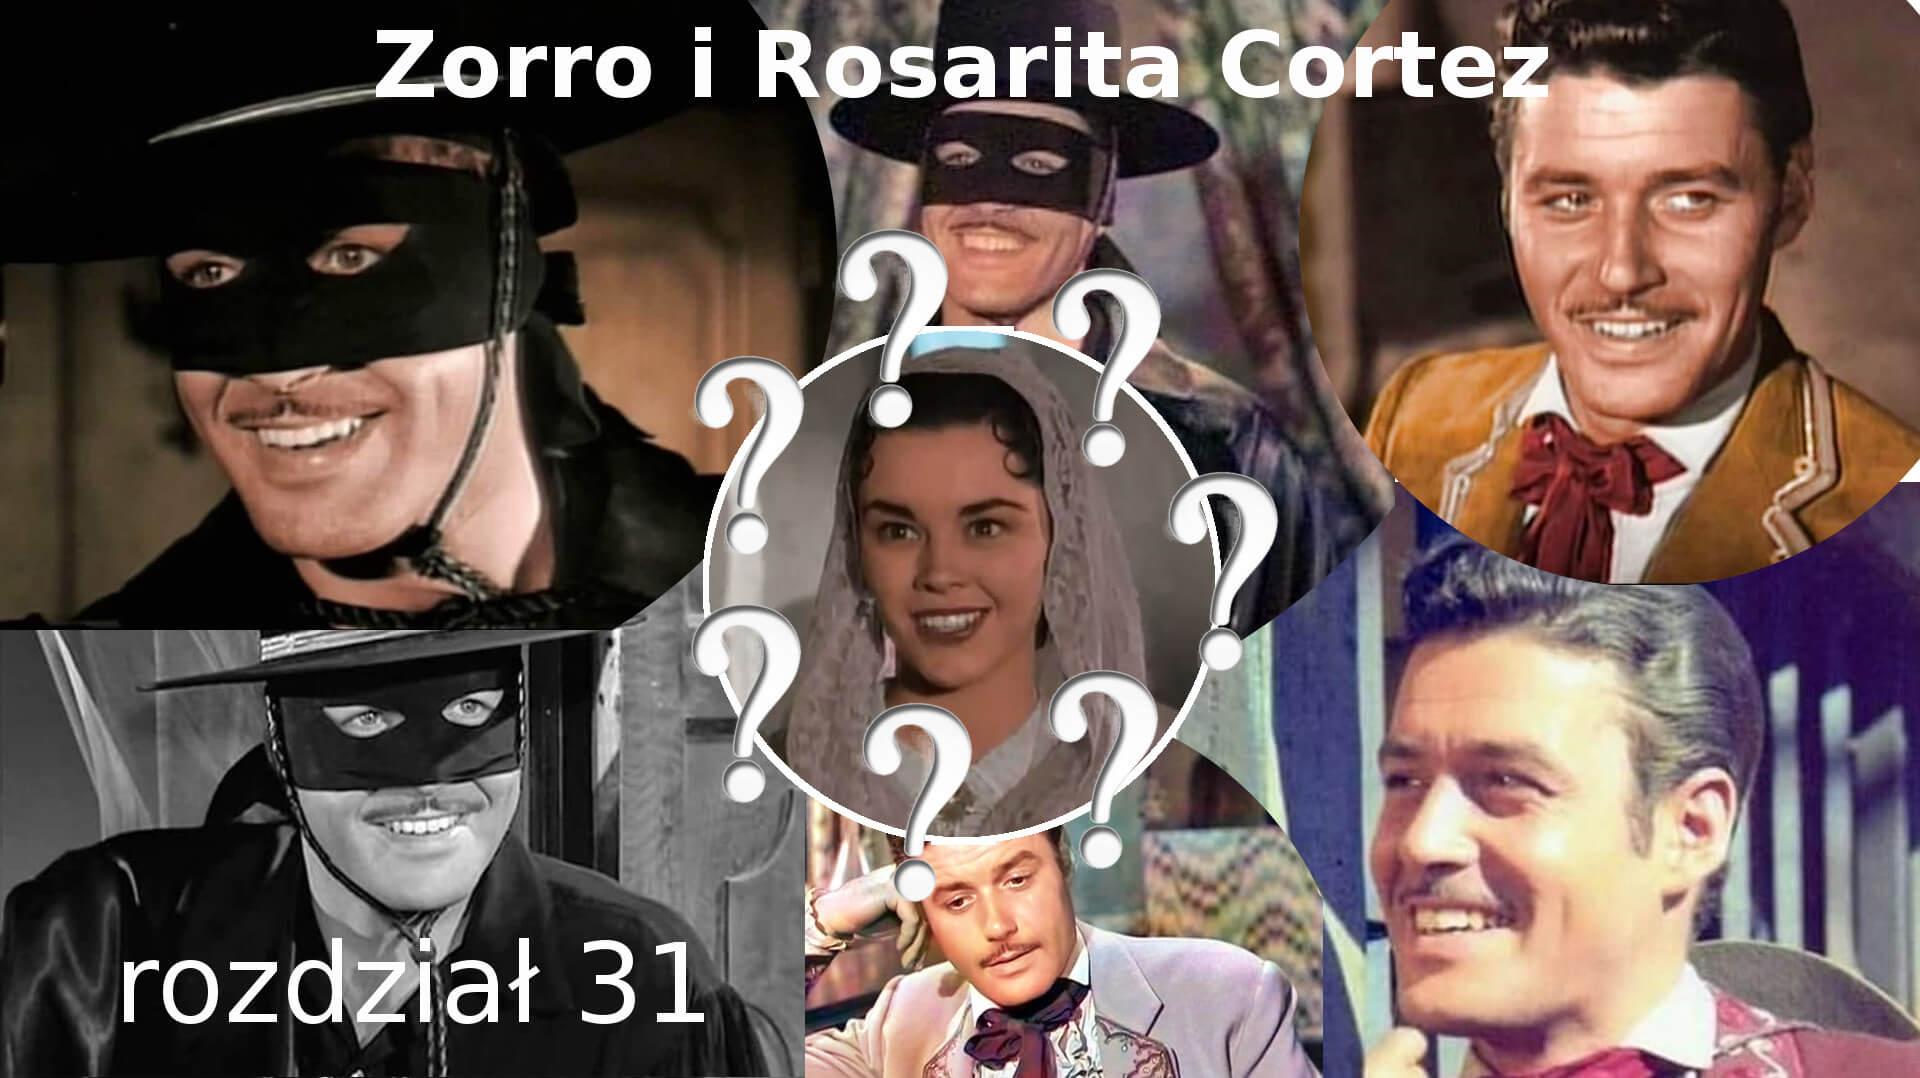 Zorro i Rosarita Cortez rozdział 31 Zorro fanfiction